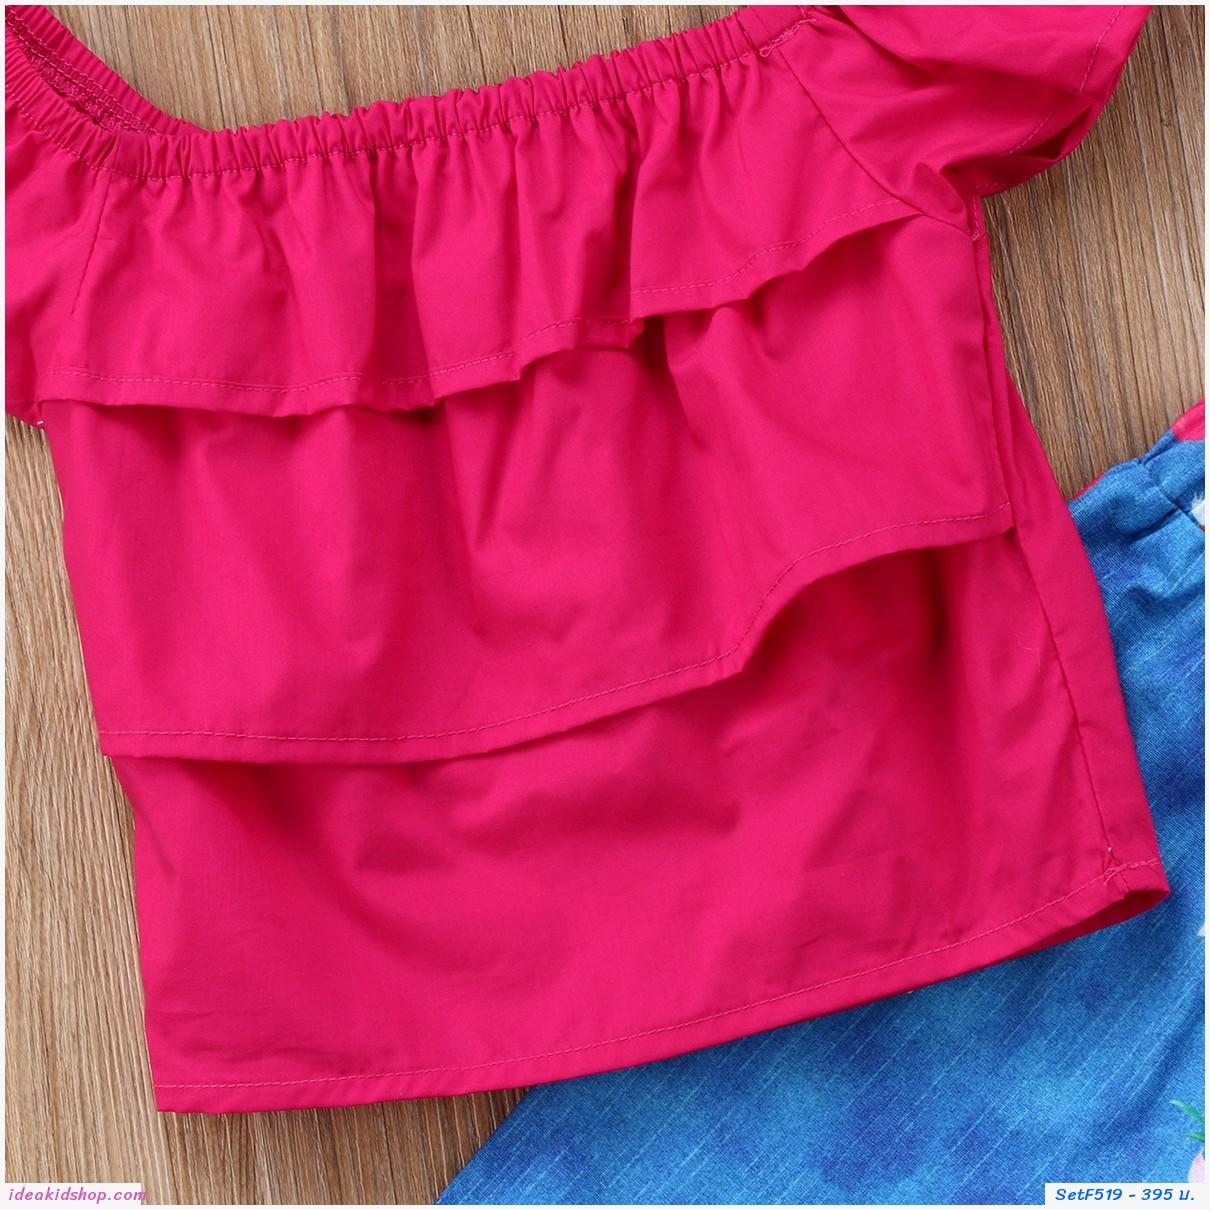 ชุดเสื้อเปิดไหล่+กางเกงขาม้า สีแซบ